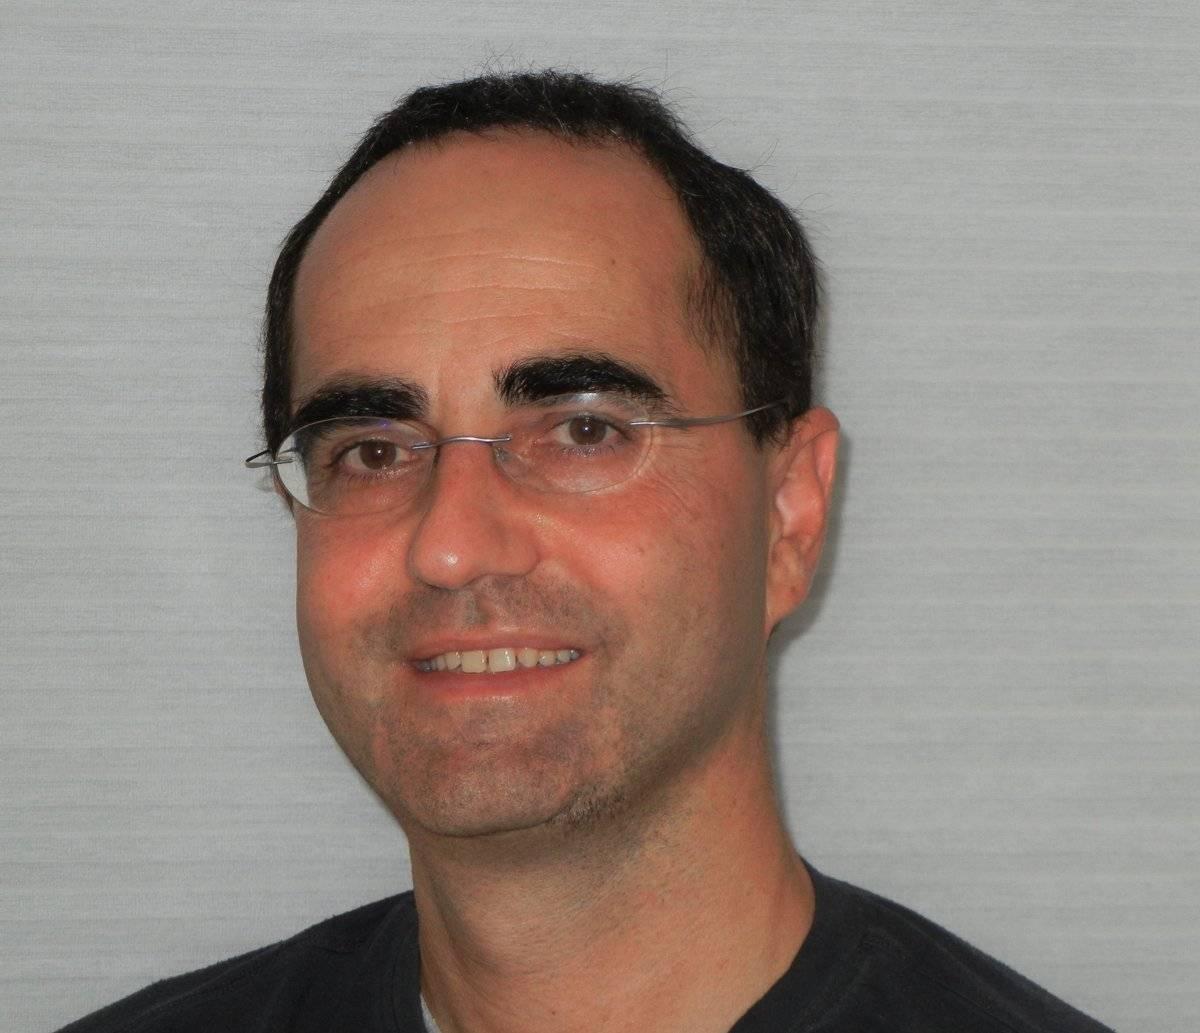 Jean-Christophe Leroux, investigador del Departamento de Química y Ciencias Básicas Aplicadas del Instituto de Ciencias Farmacéuticas, ETH Zürich, en Zürich, Suiza,